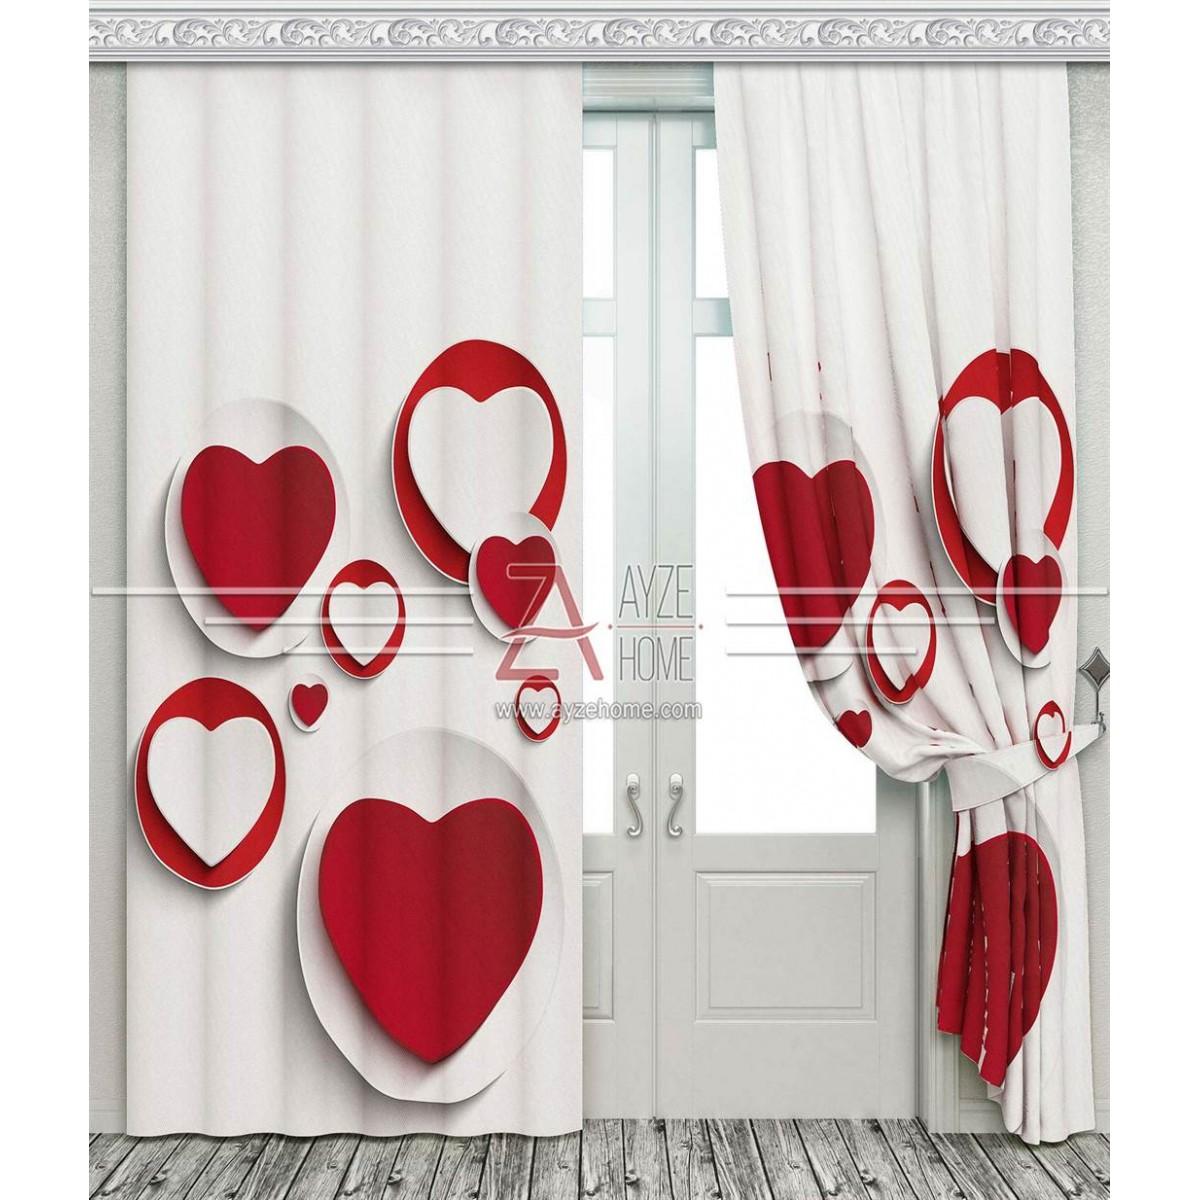 Kız Çocuk Odası - Kalpler 3D - Baskılı Fon Perde